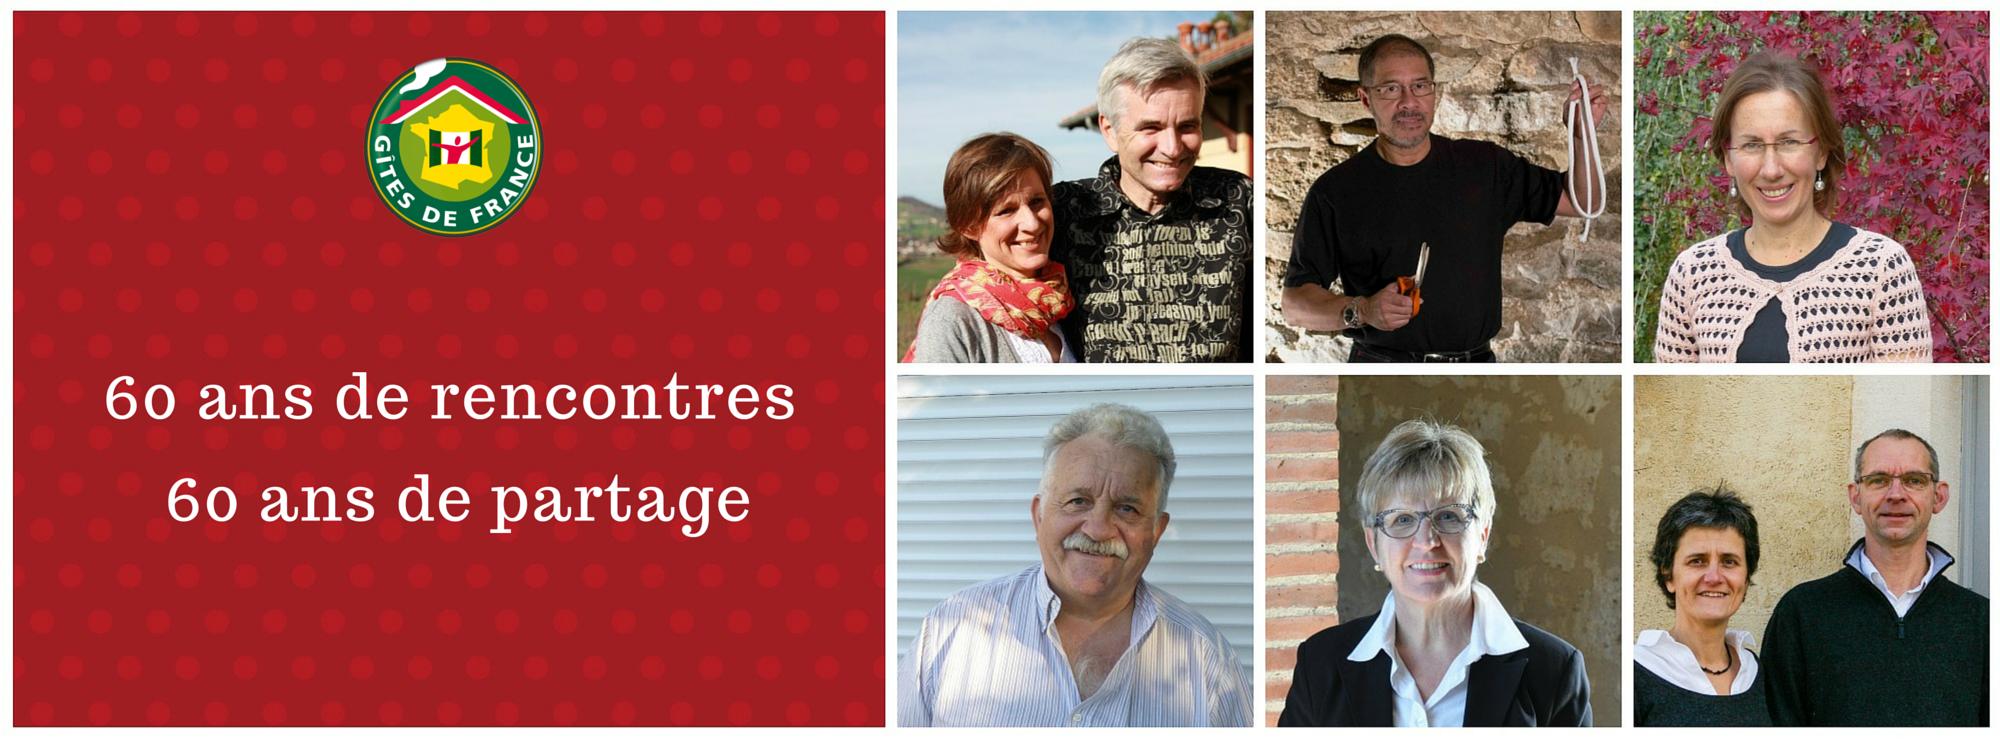 60 ans de rencontres, 60 ans de partage